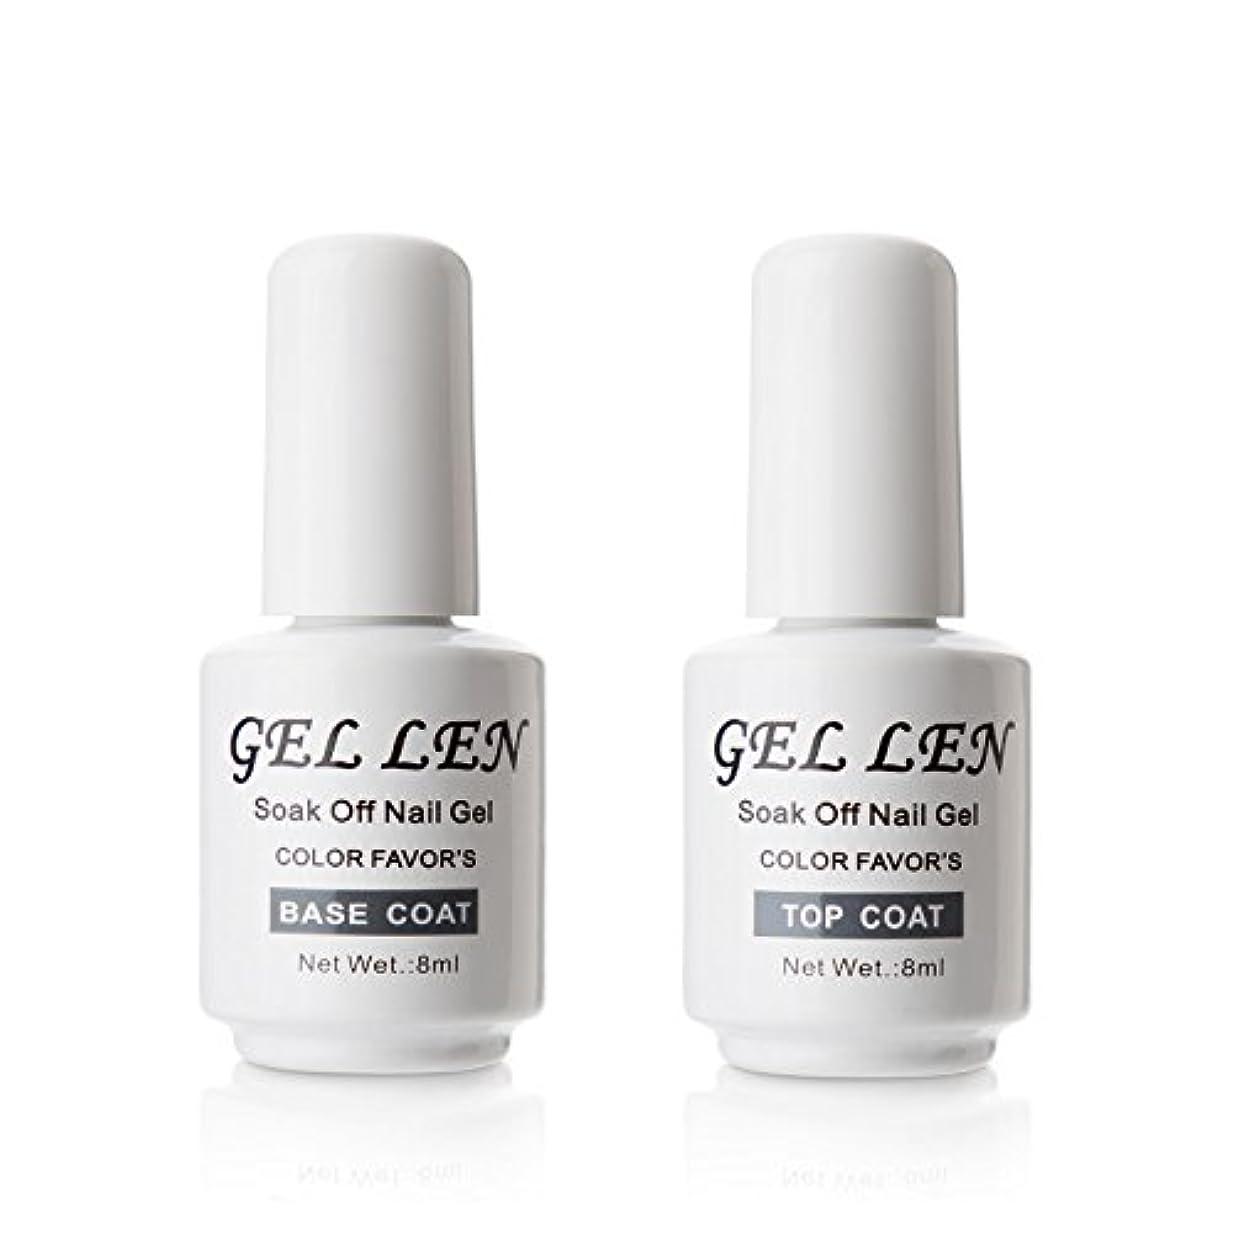 未払い詩人供給Gellen ジェルネイル UV LED ベースコート&トップコート セット 8ml